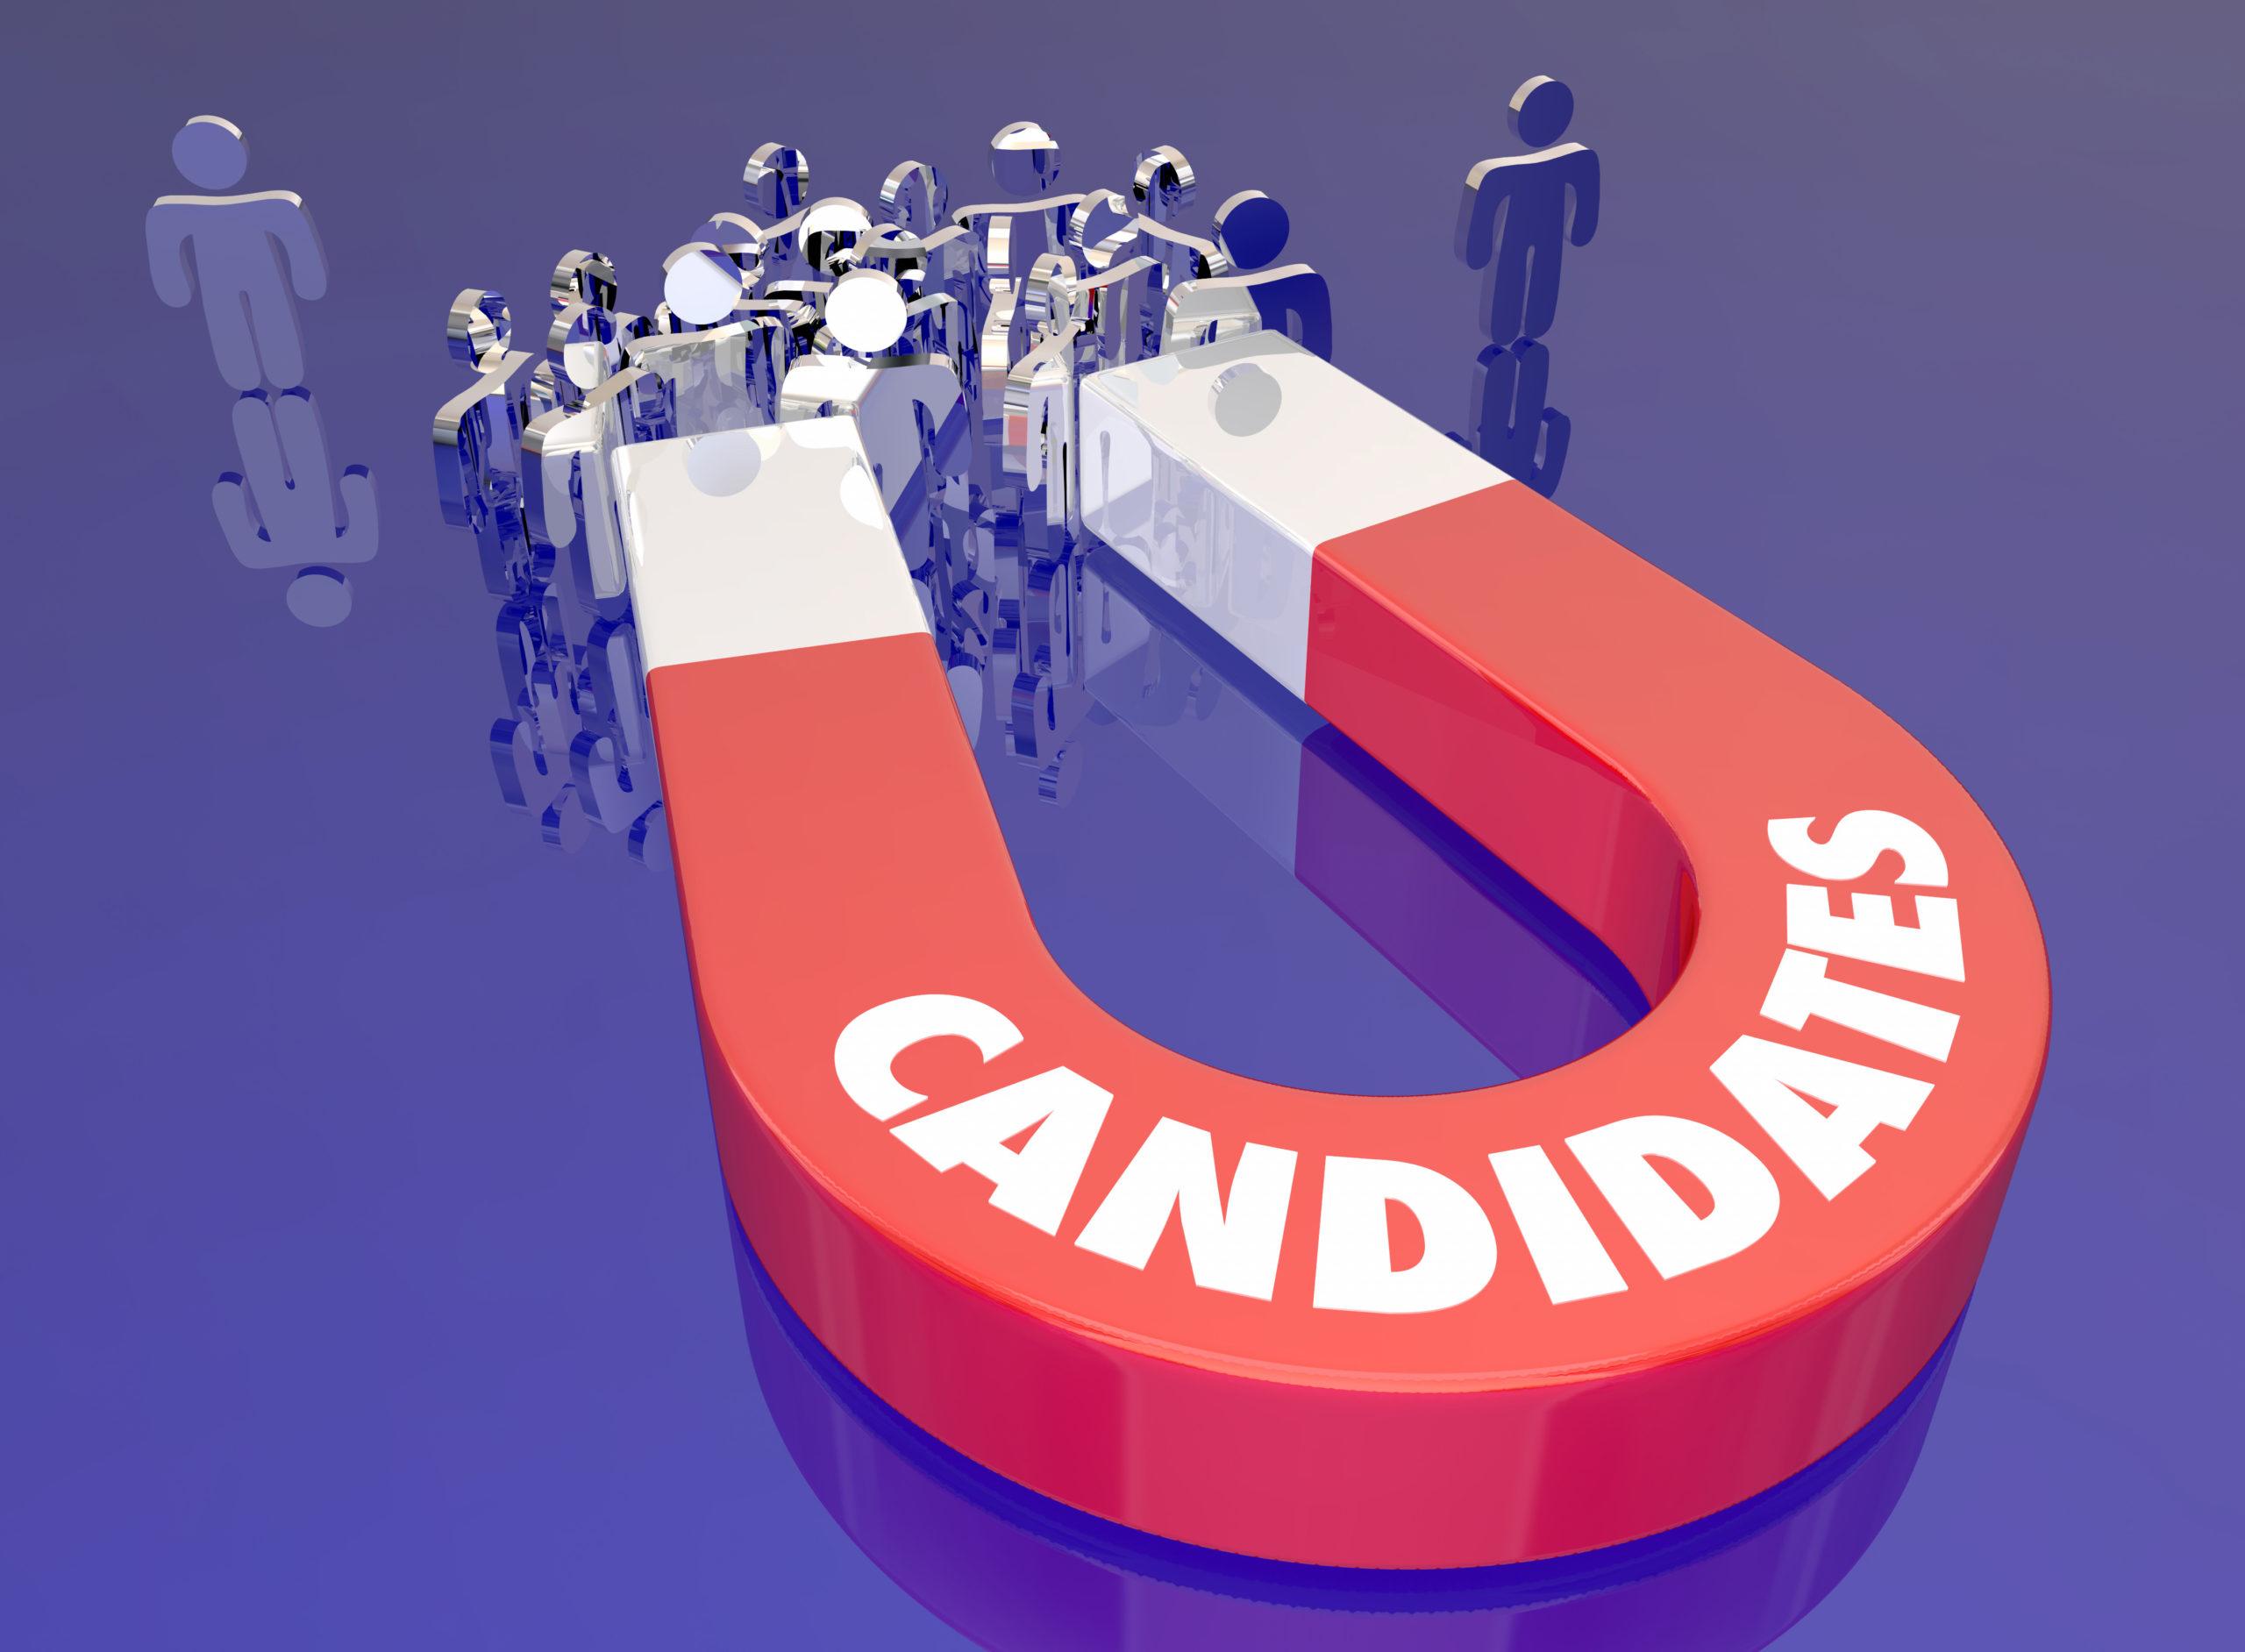 Je candidate experience verbeteren? Zorg met deze tips voor een goed werkgeversimago!